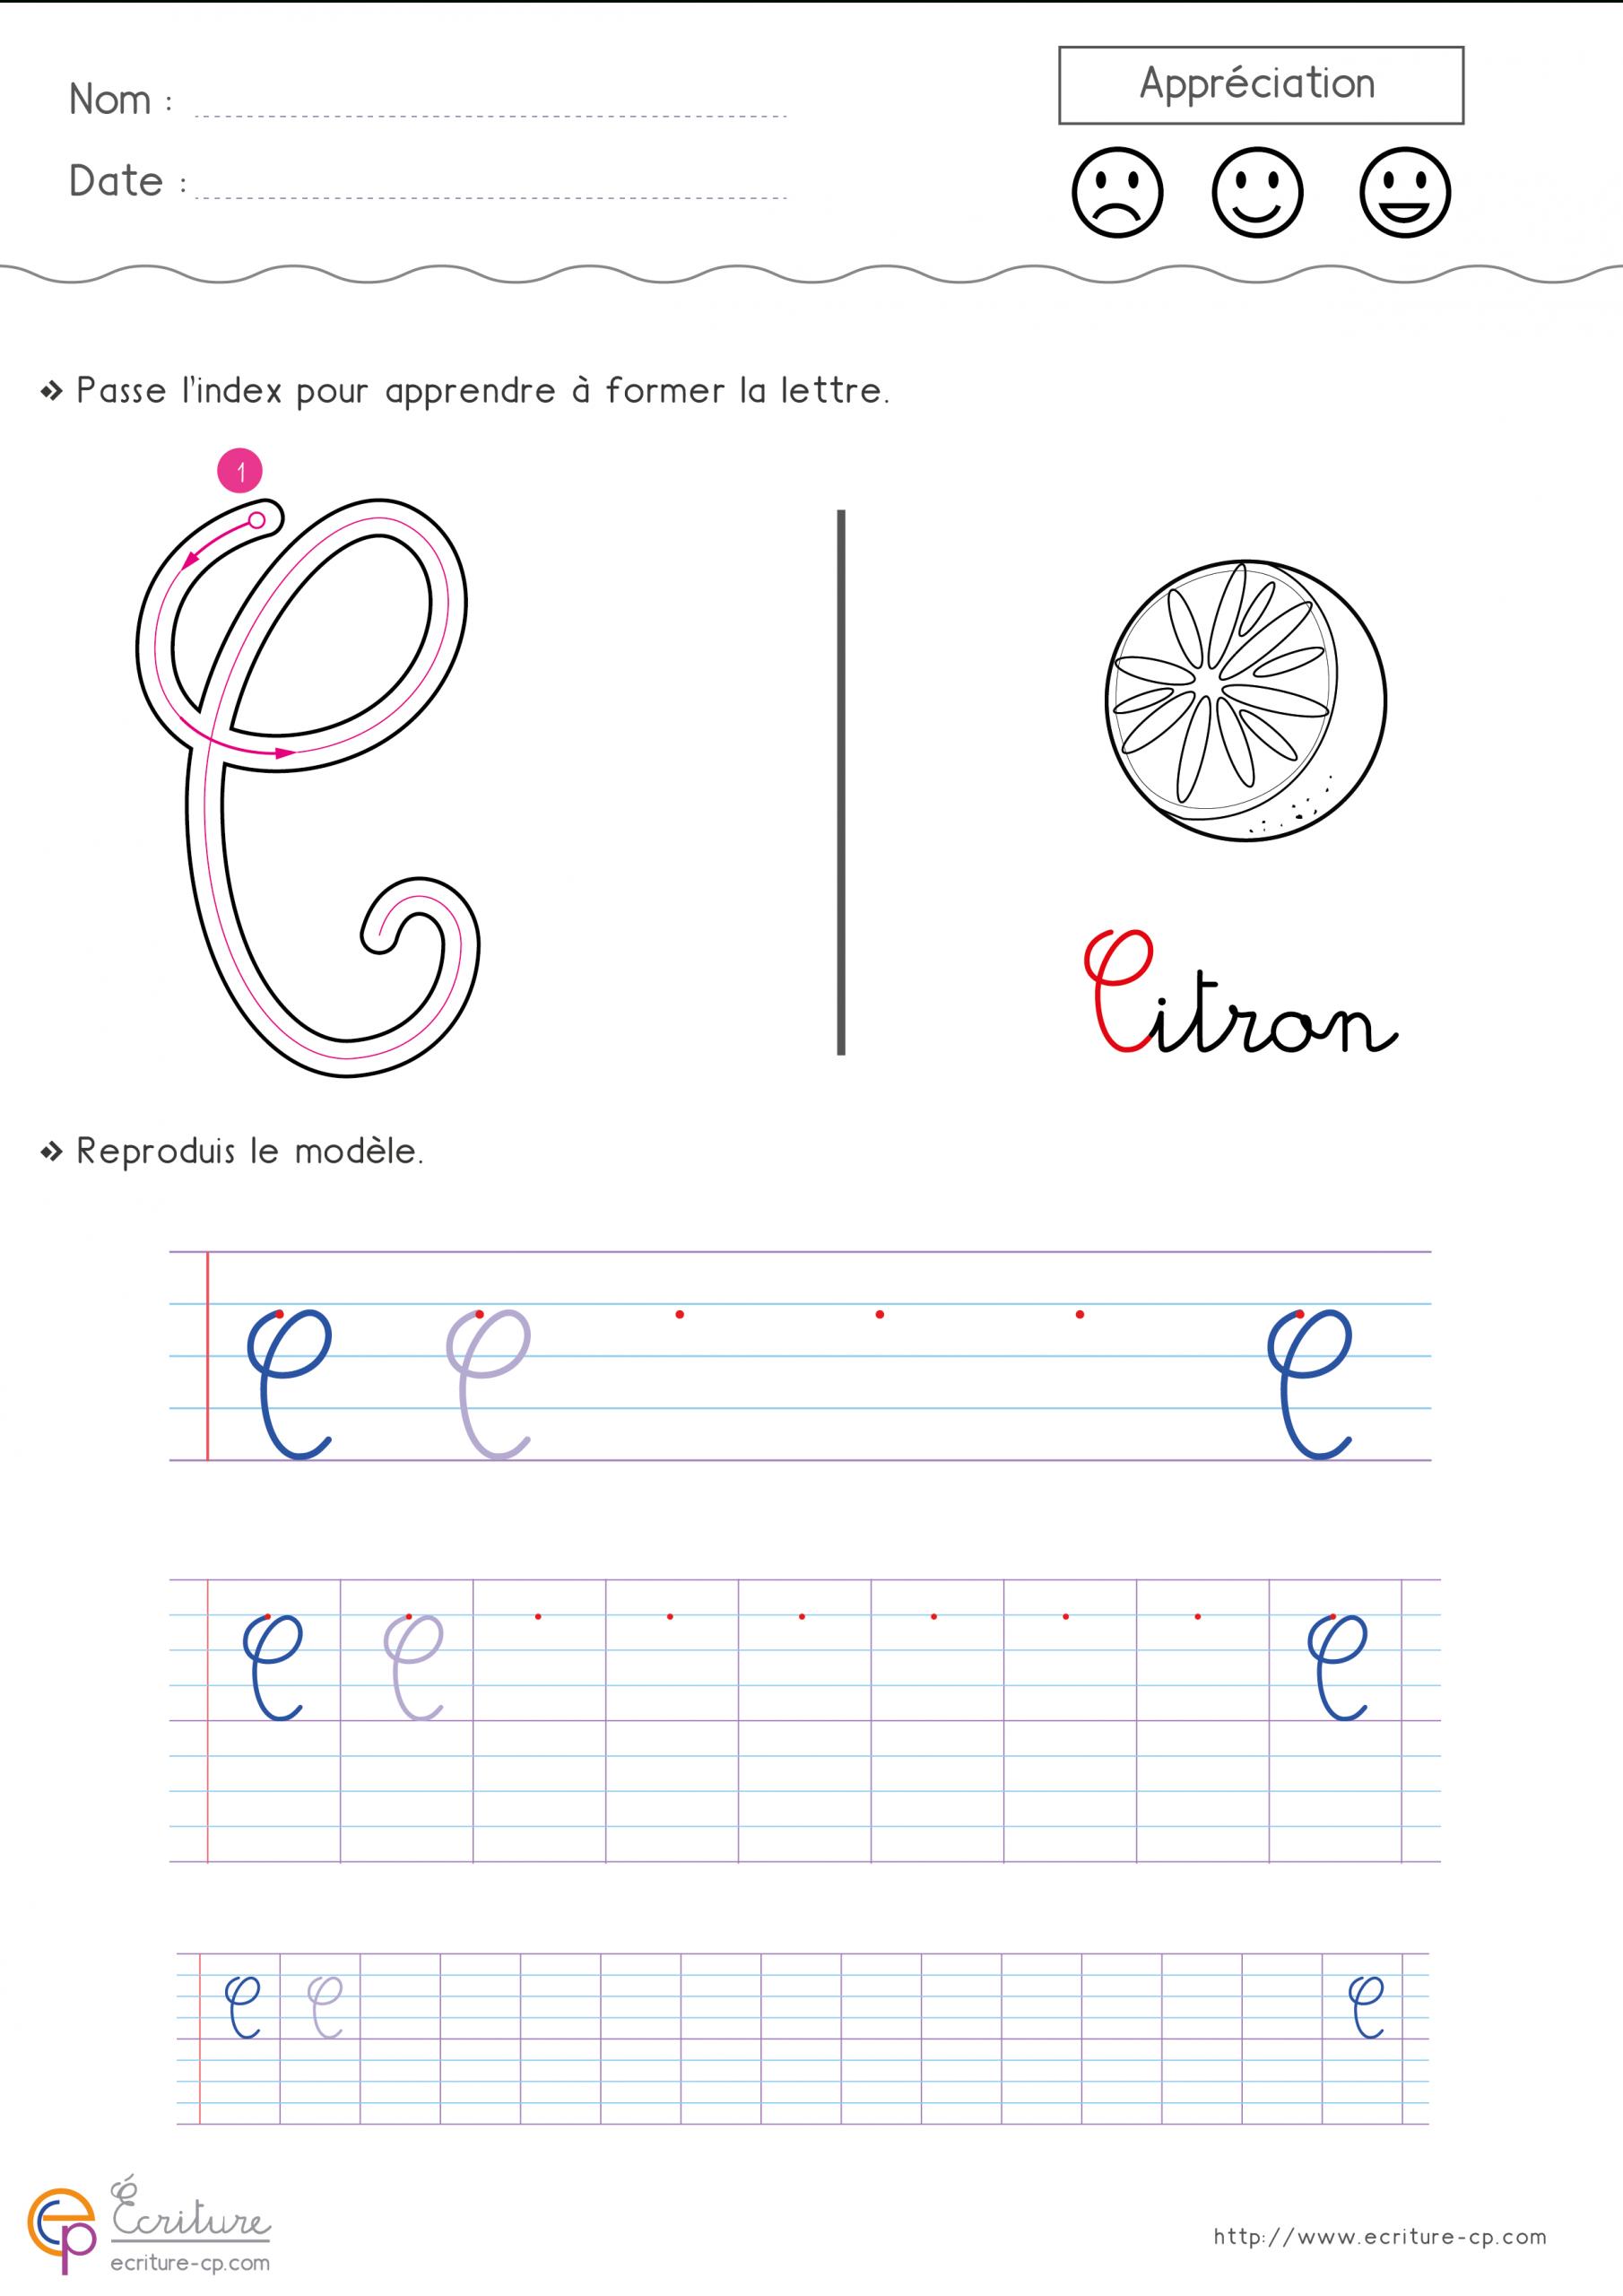 Écrire L'alphabet Majuscule Cursive Cp Ce1 | Fiche D destiné Apprendre A Écrire L Alphabet